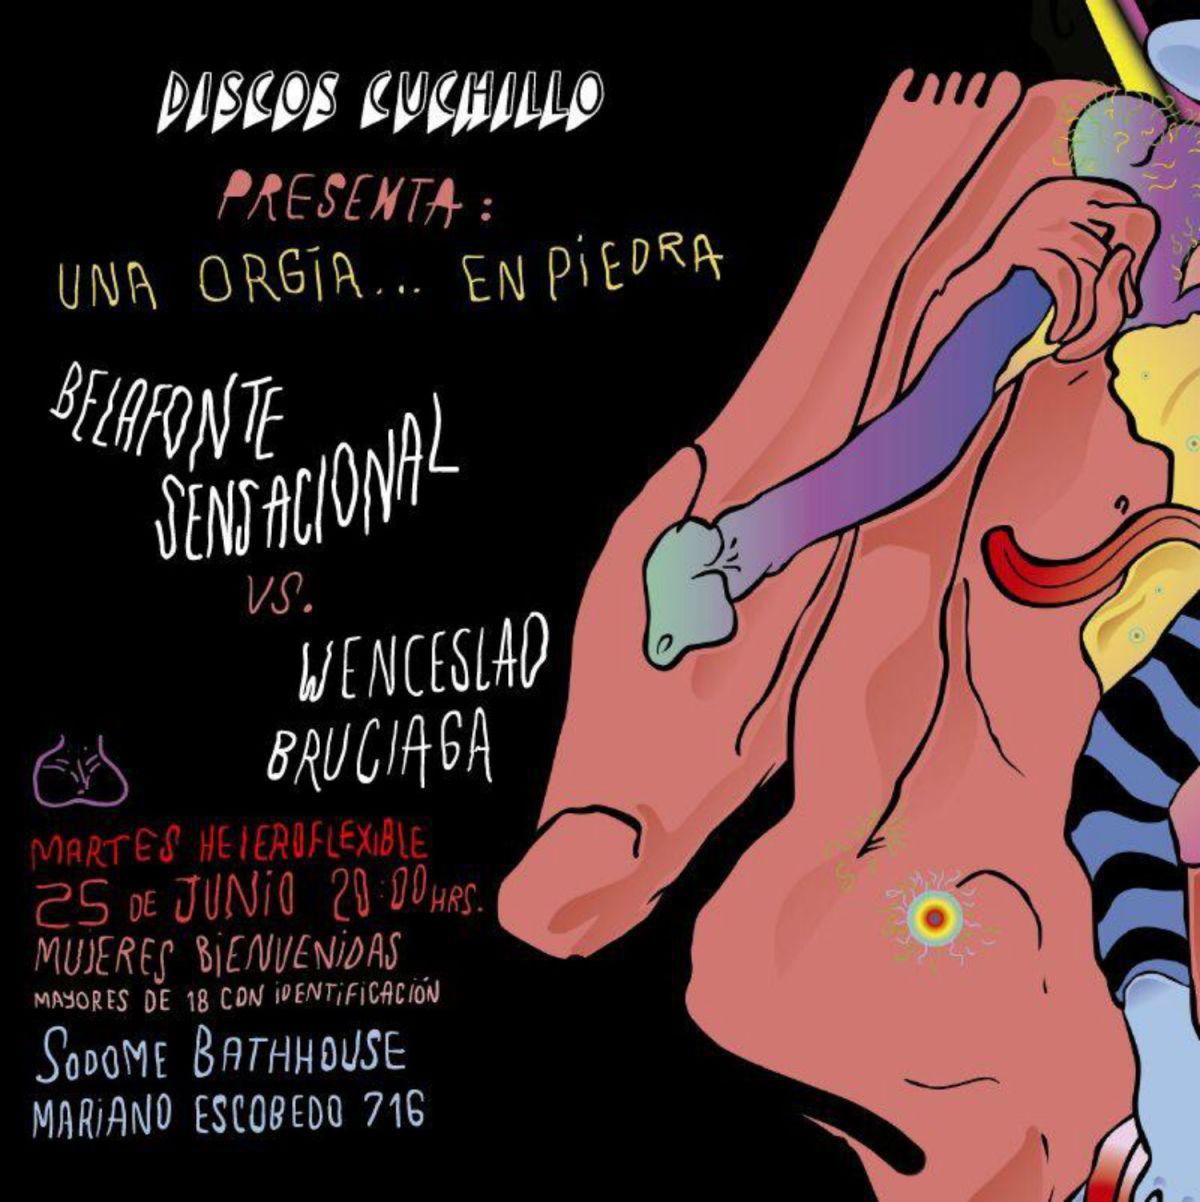 Belafonte Sensacional Wenceslao Bruciaga concierto CDMX 25 JUNIO